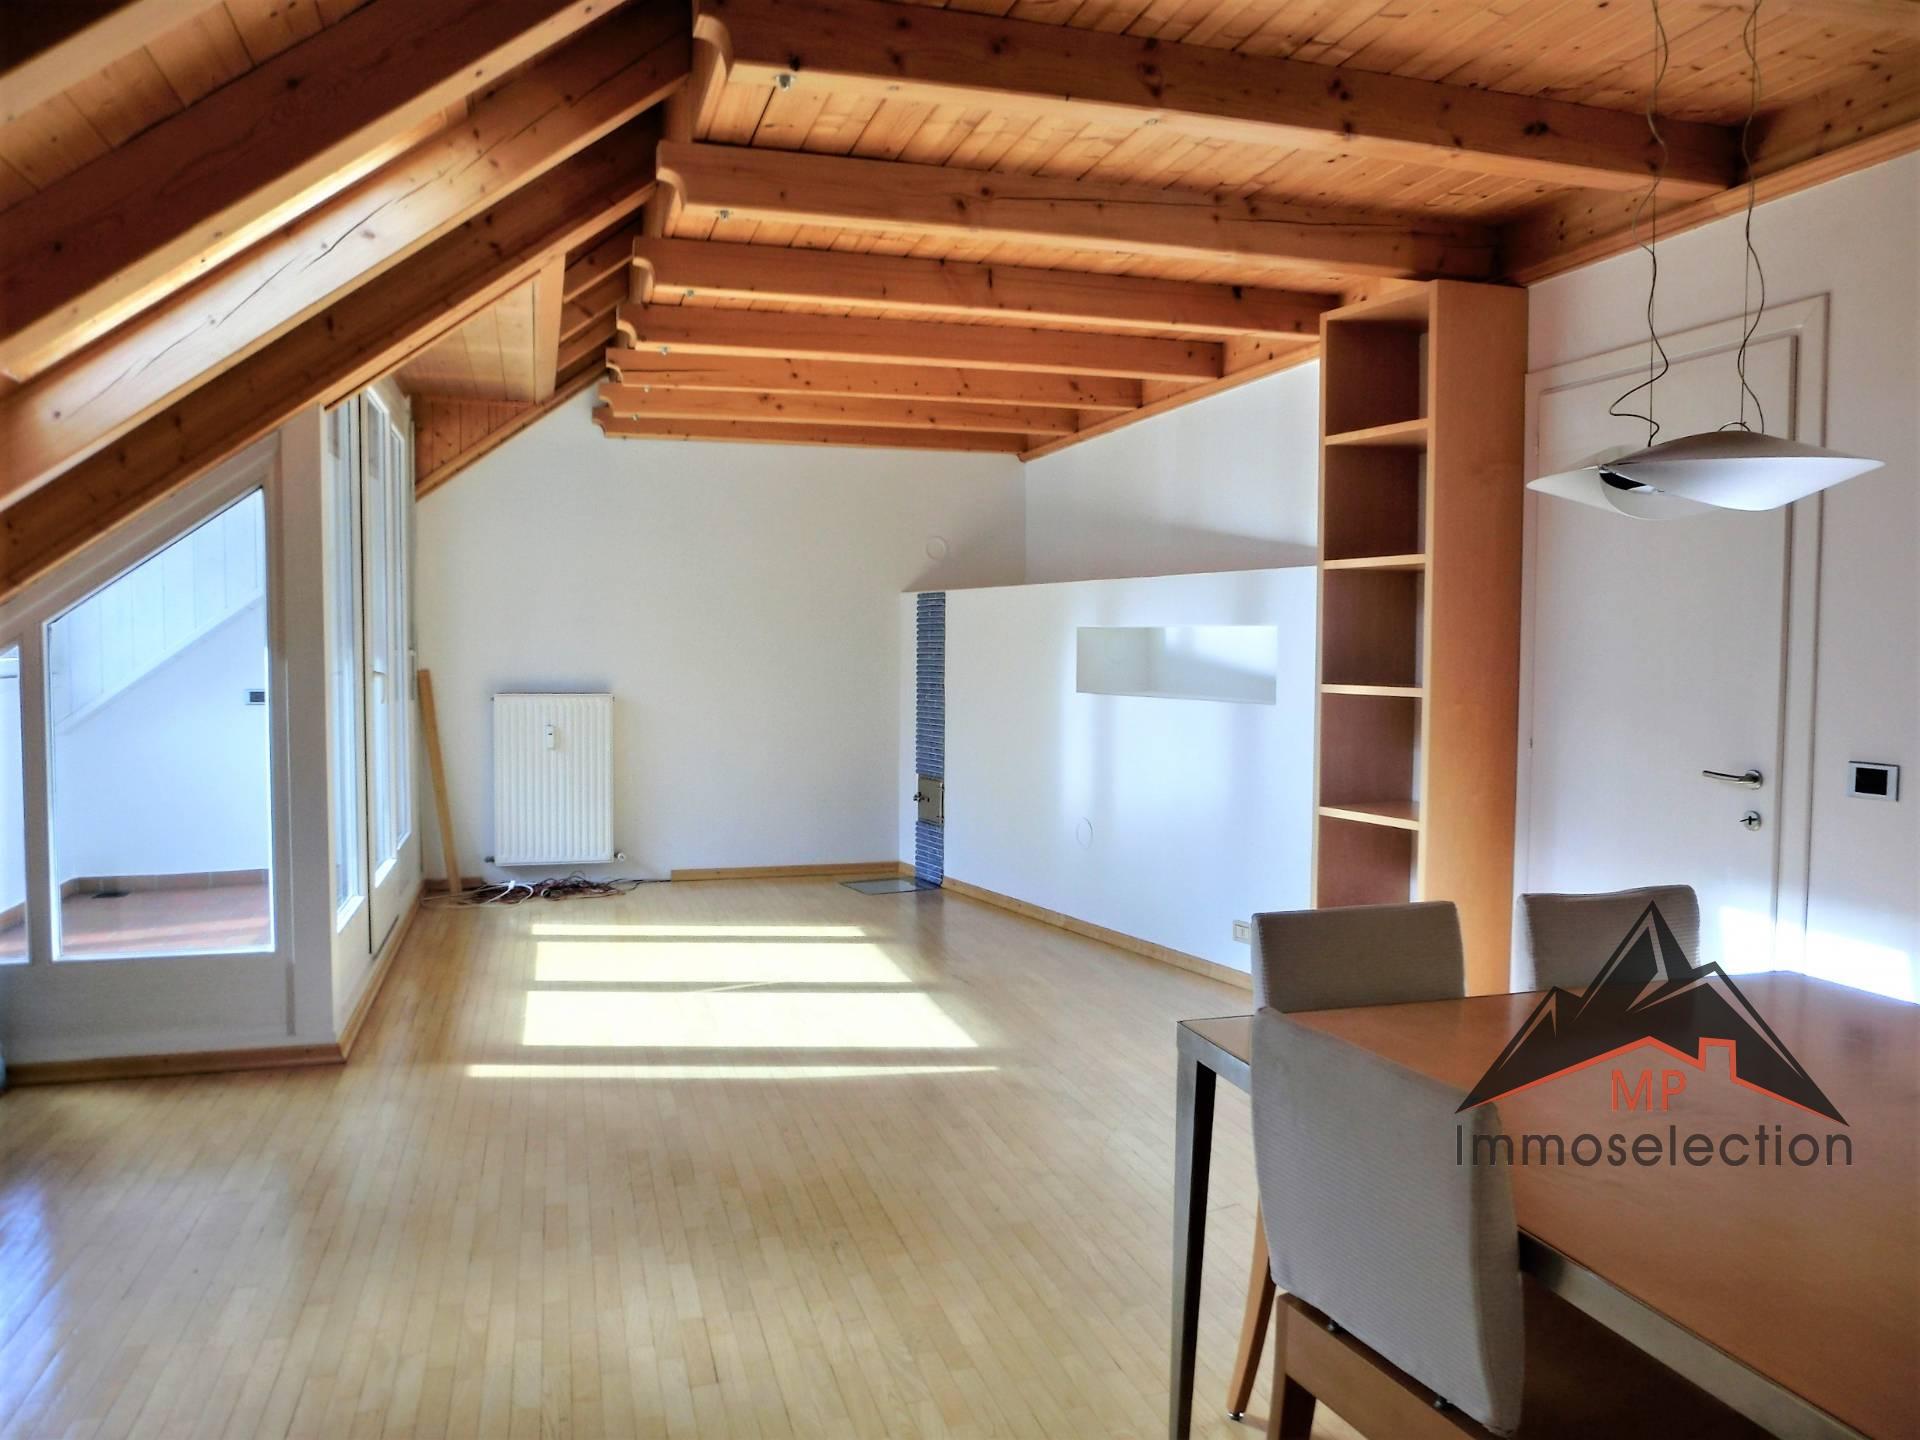 Appartamento in affitto a Brunico, 3 locali, zona Zona: Brunico, prezzo € 900 | CambioCasa.it